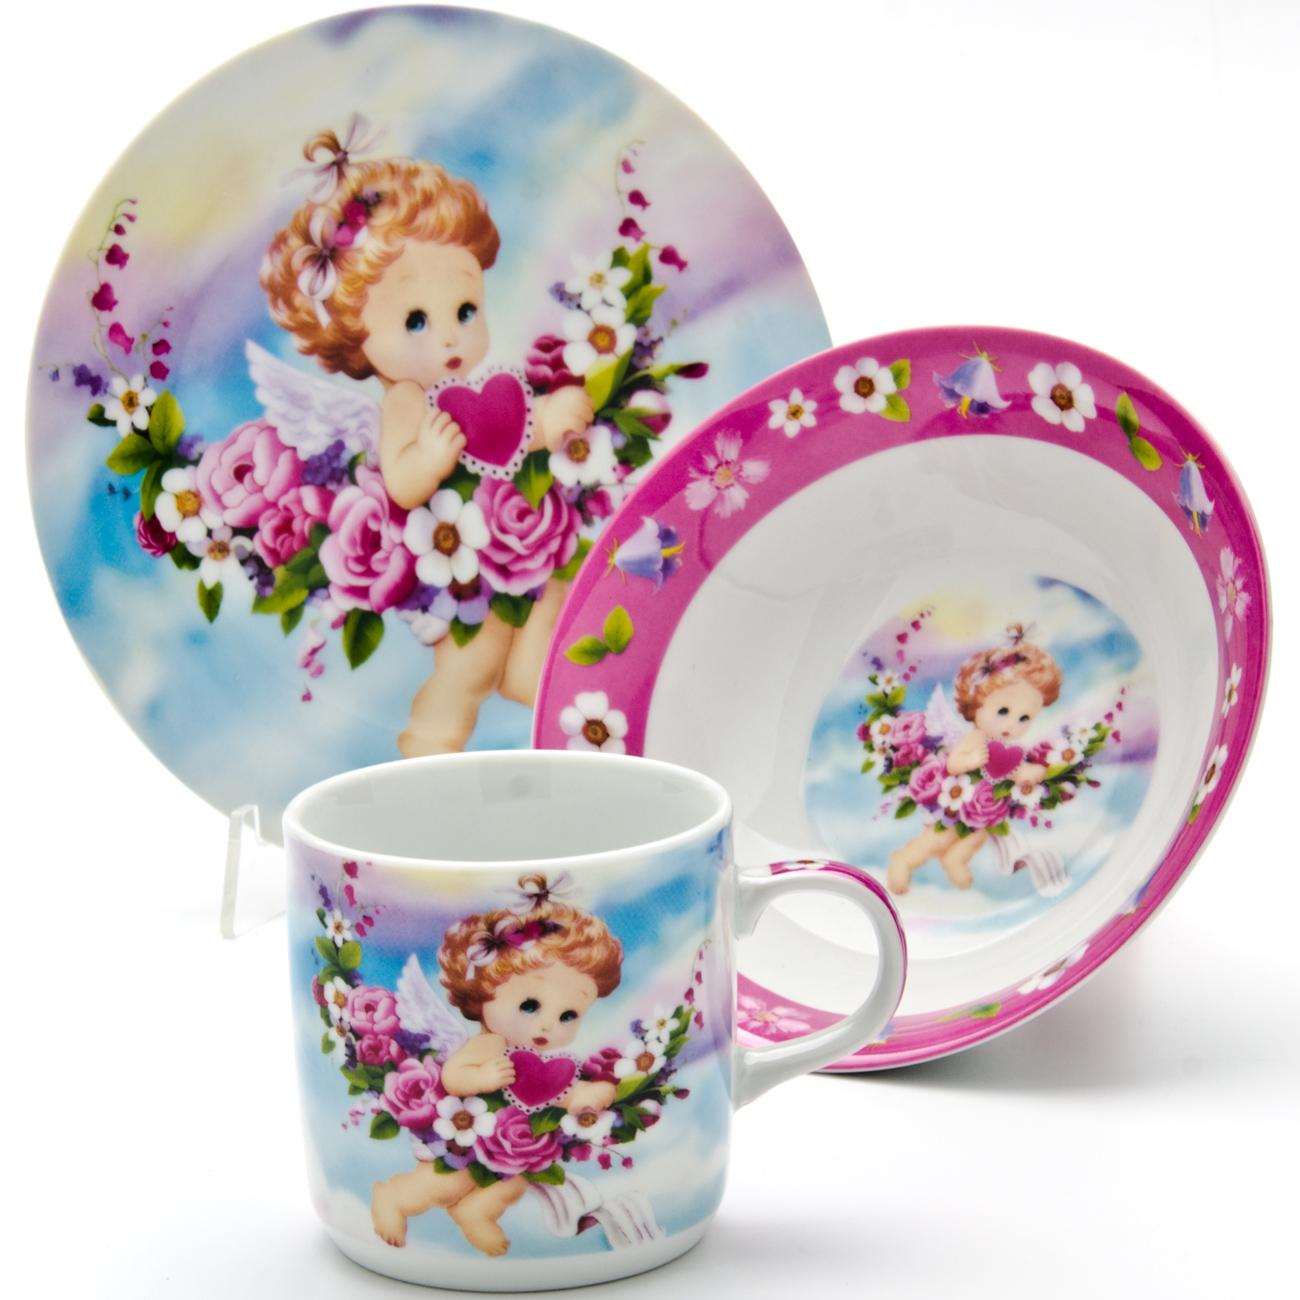 Набор посуды Loraine Ангел, 3 предмета набор посуды для детей loraine ангел lr 24027